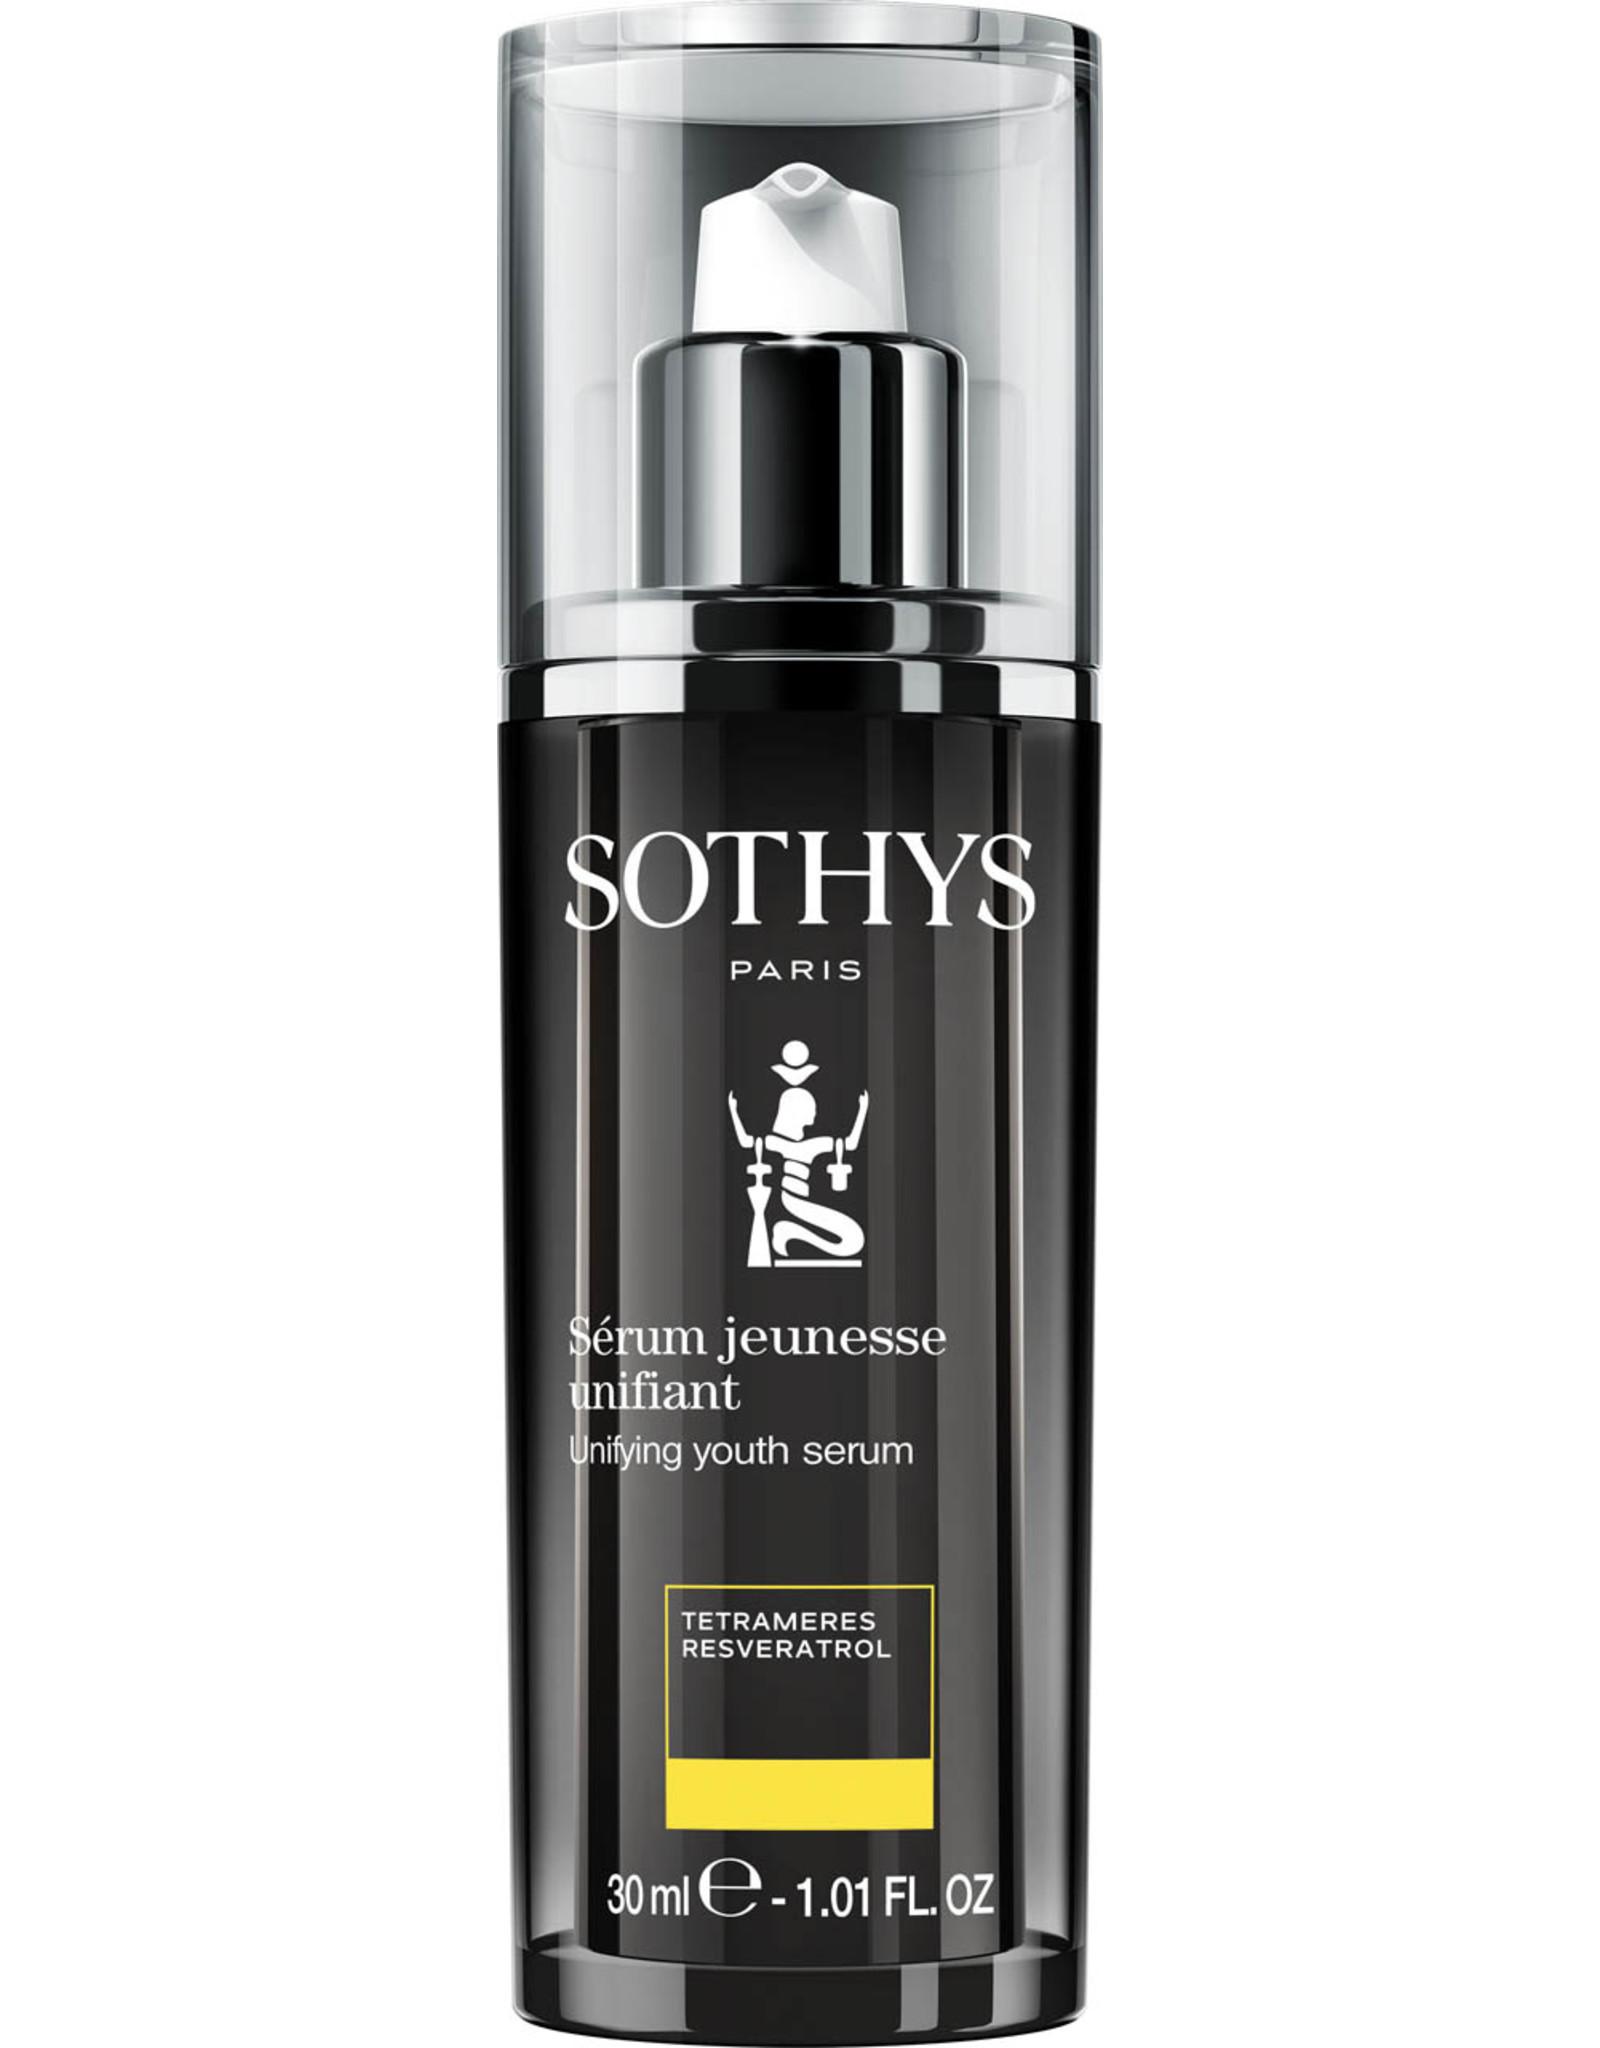 SOTHYS Sérum jeunesse unifiant - Sothys